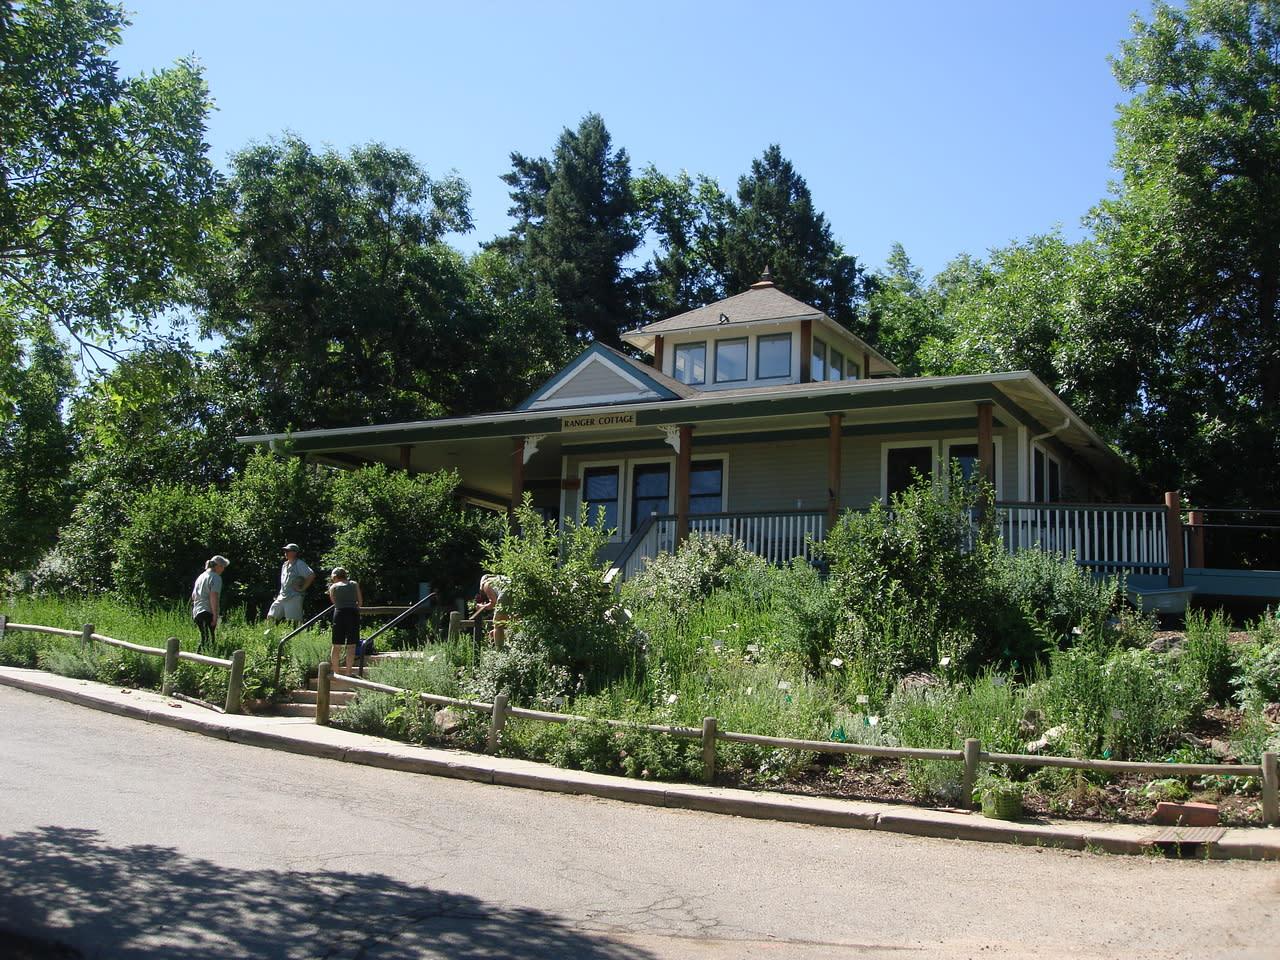 ranger cottage at chautauqua park rh bouldercoloradousa com